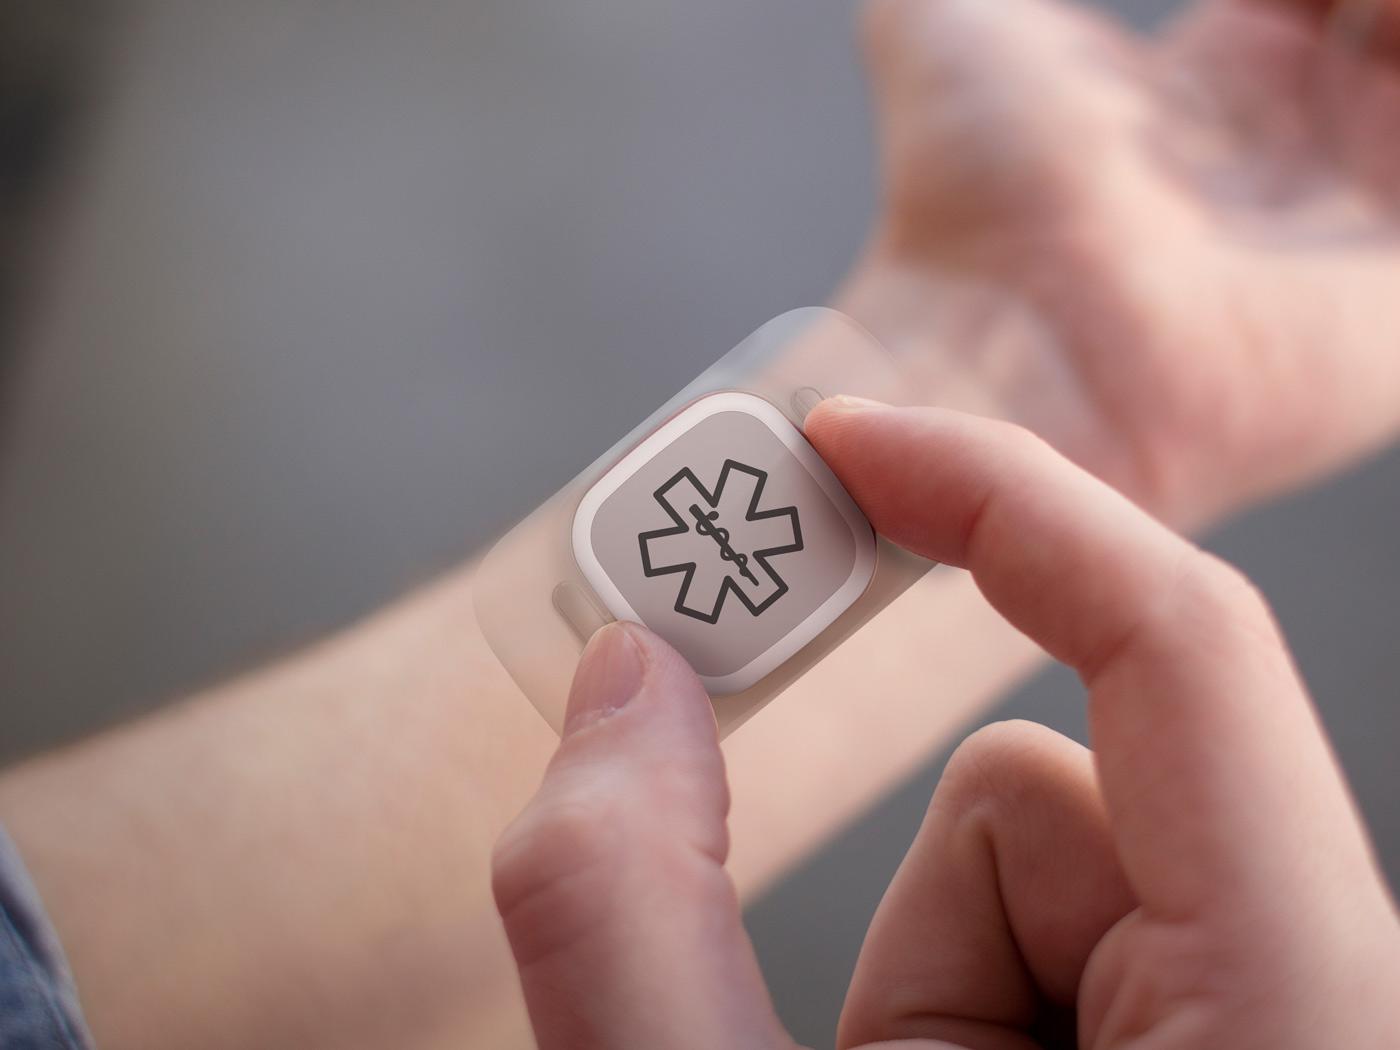 Tecnologia e salute  i wearable che salvano la vita e la sanità pubblica b949a7198f5